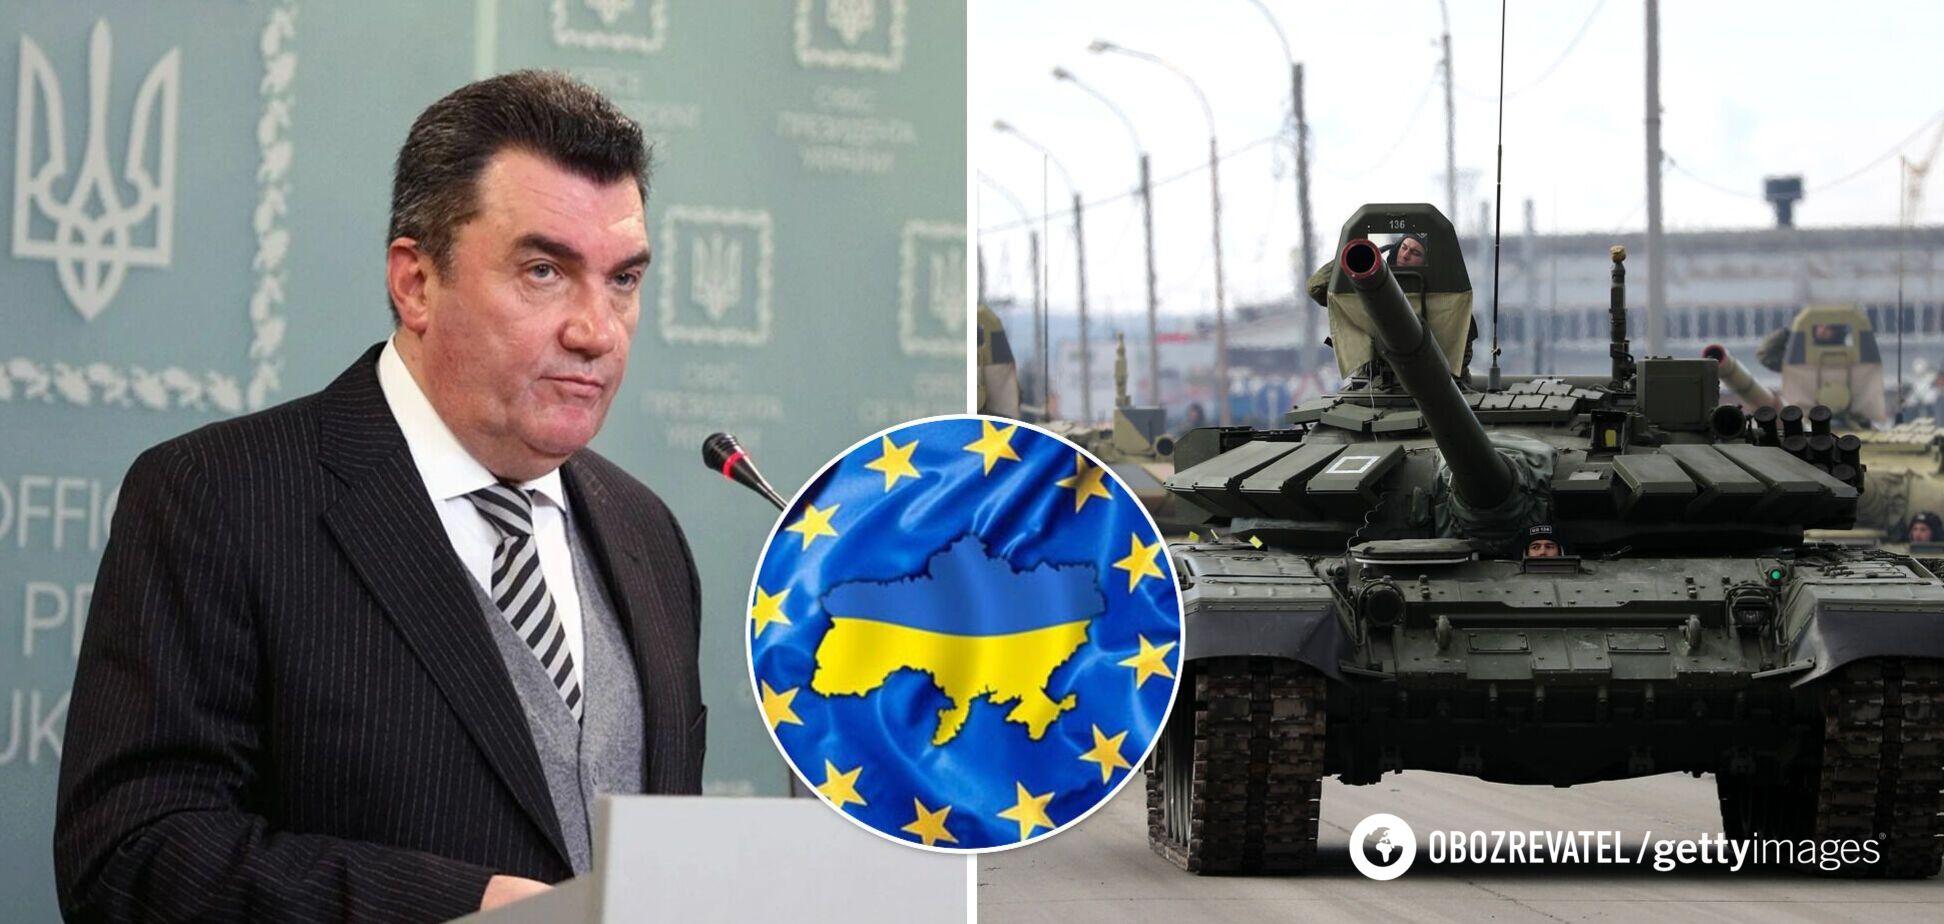 Данілов: Україна не планує повертати Донбас силою, але свої землі не віддамо